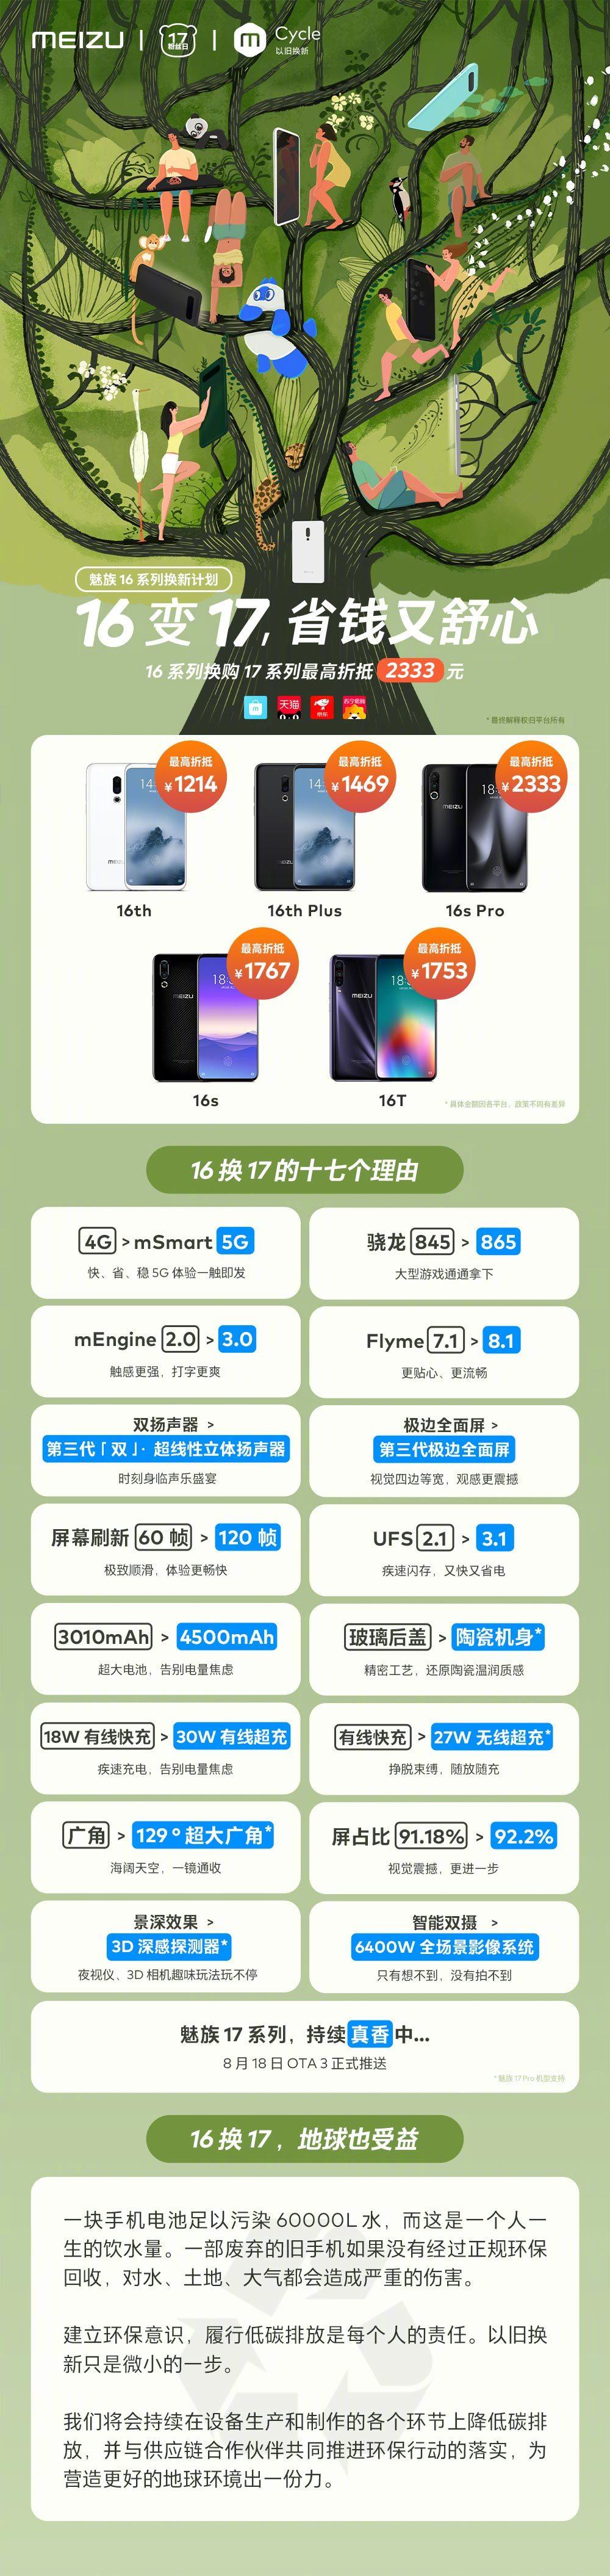 """魅族手机的那点""""绿事""""发布:魅族17手机上适用新旧置换,最大折抵2333元"""